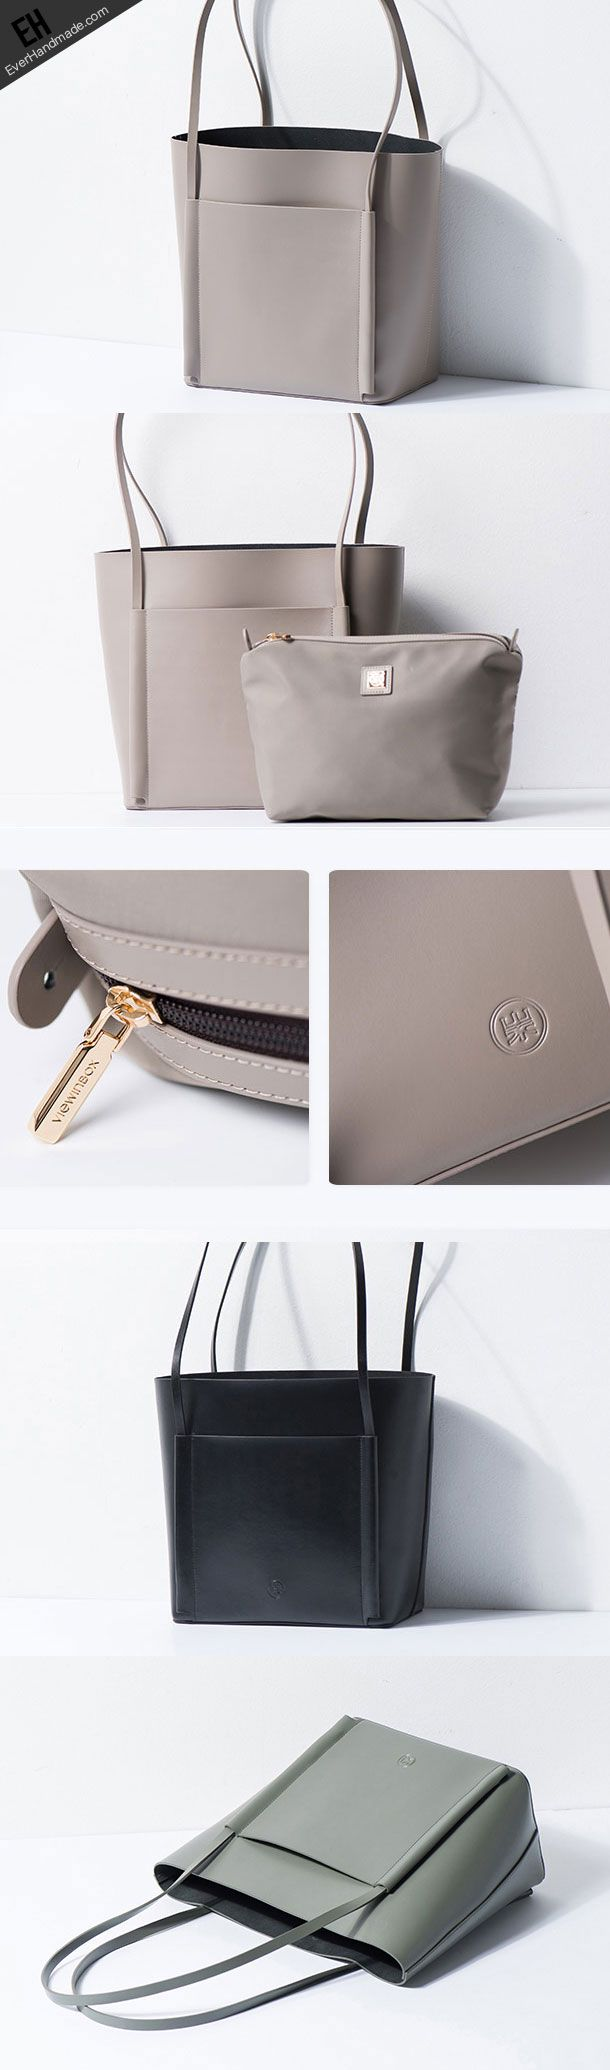 Genuine Leather handbag shoulder bag large tote for women leather shopper bag